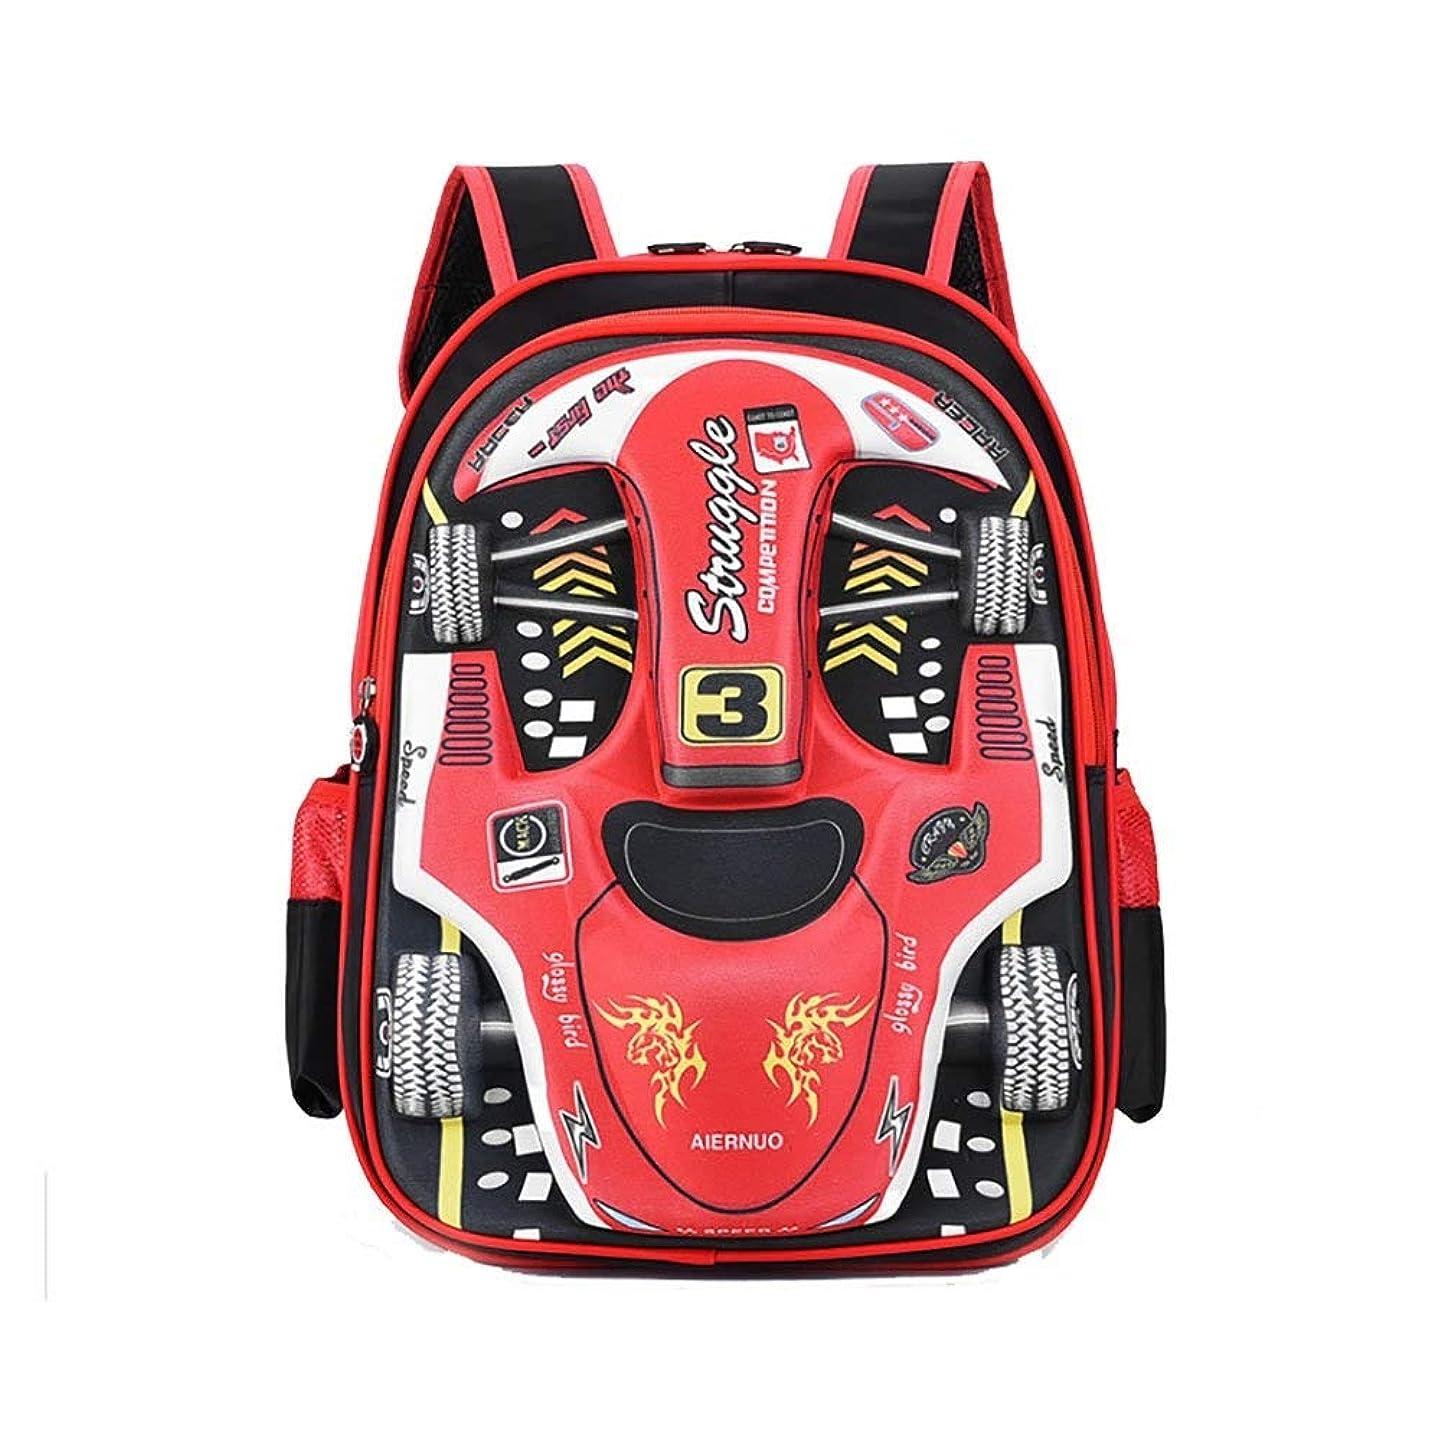 姓ドリル本土ZHAOXHDP 子供用スクールバッグ キャンパスバックパックキッズリュックサック学生バックパック防水3Dバックパック2色 キャンパスバックパック (Color : Red)